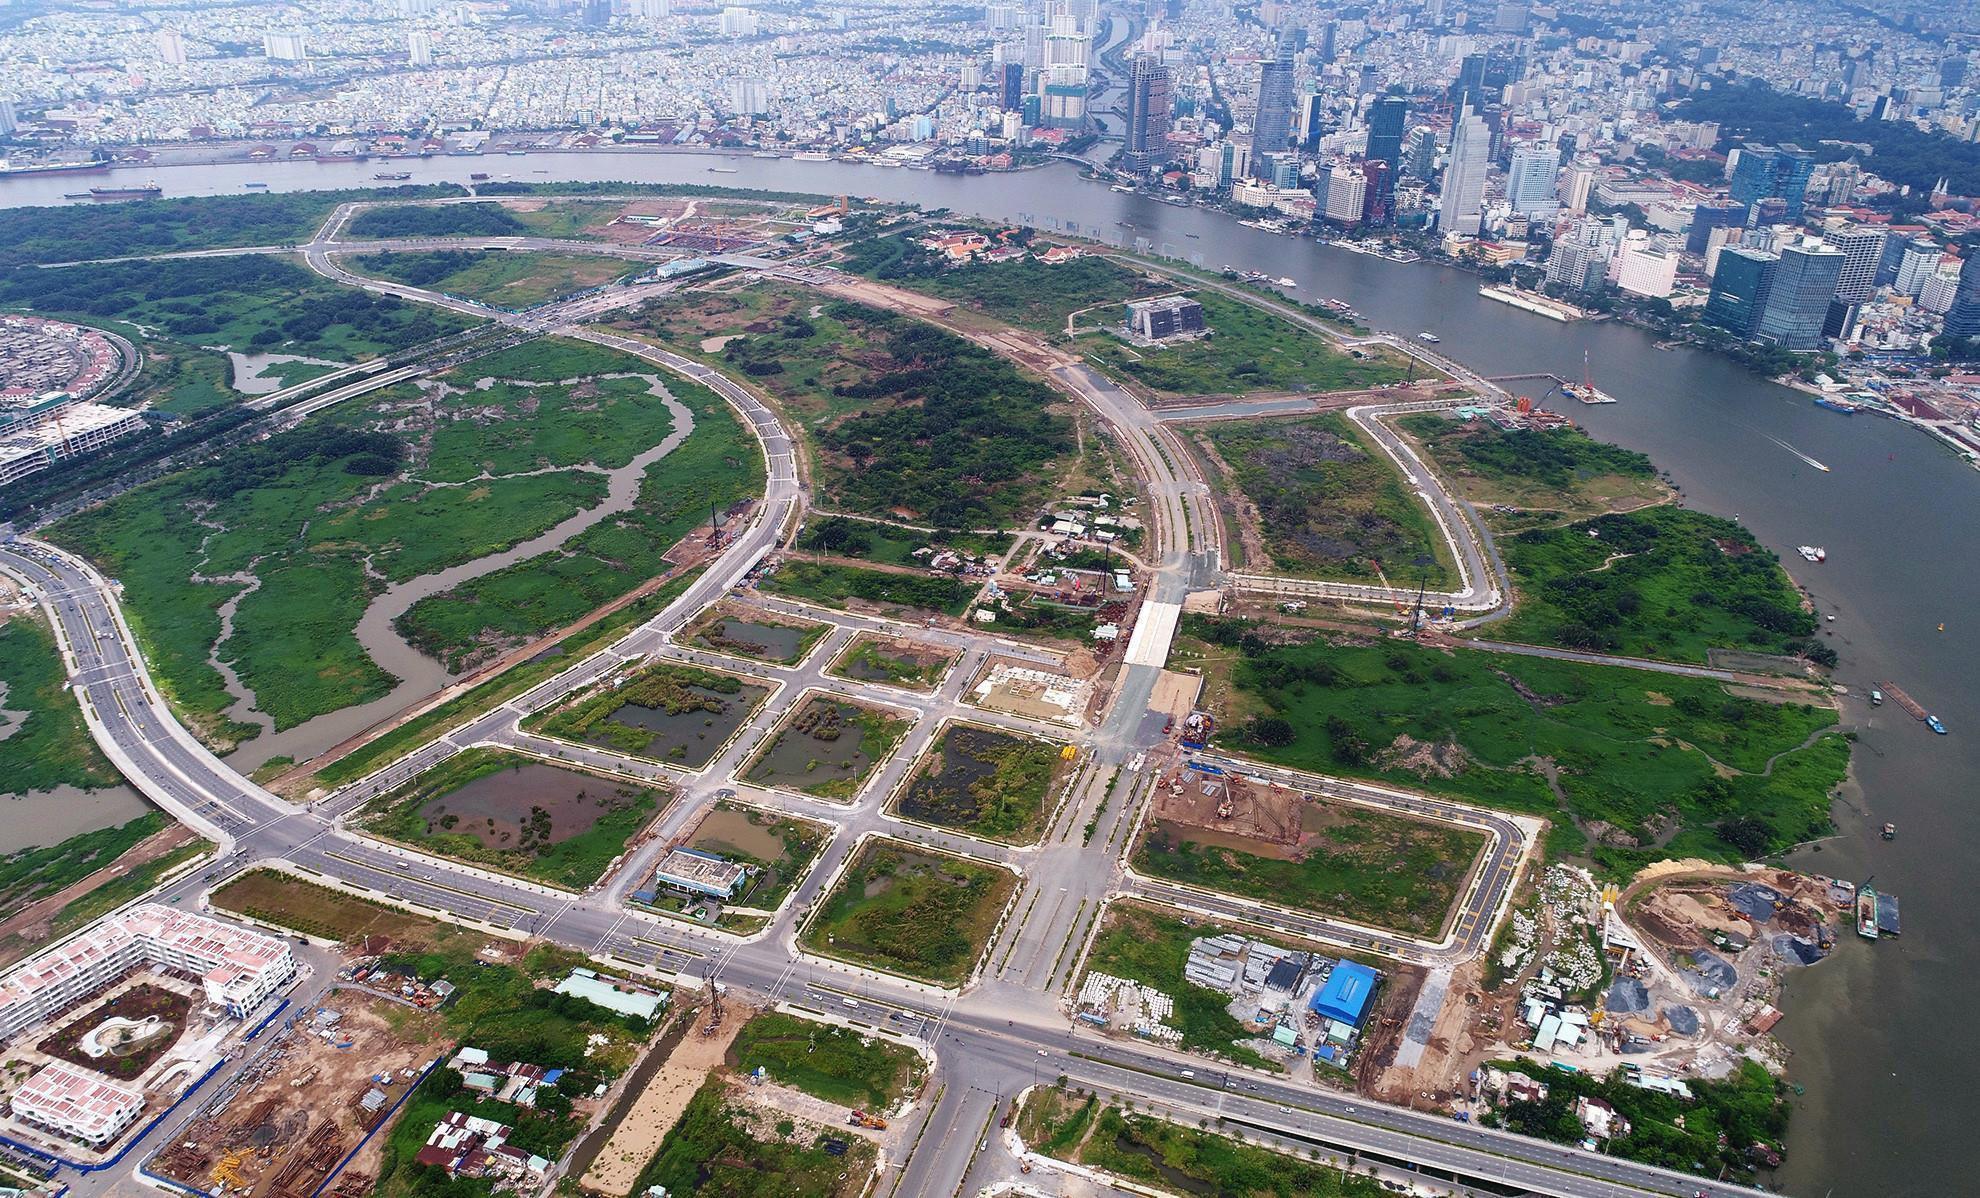 """Thu hồi thêm đất hai bên đường làm dự án để bán đấu giá: Chính quyền TP.HCM đi """"buôn đất""""? - Ảnh 1."""